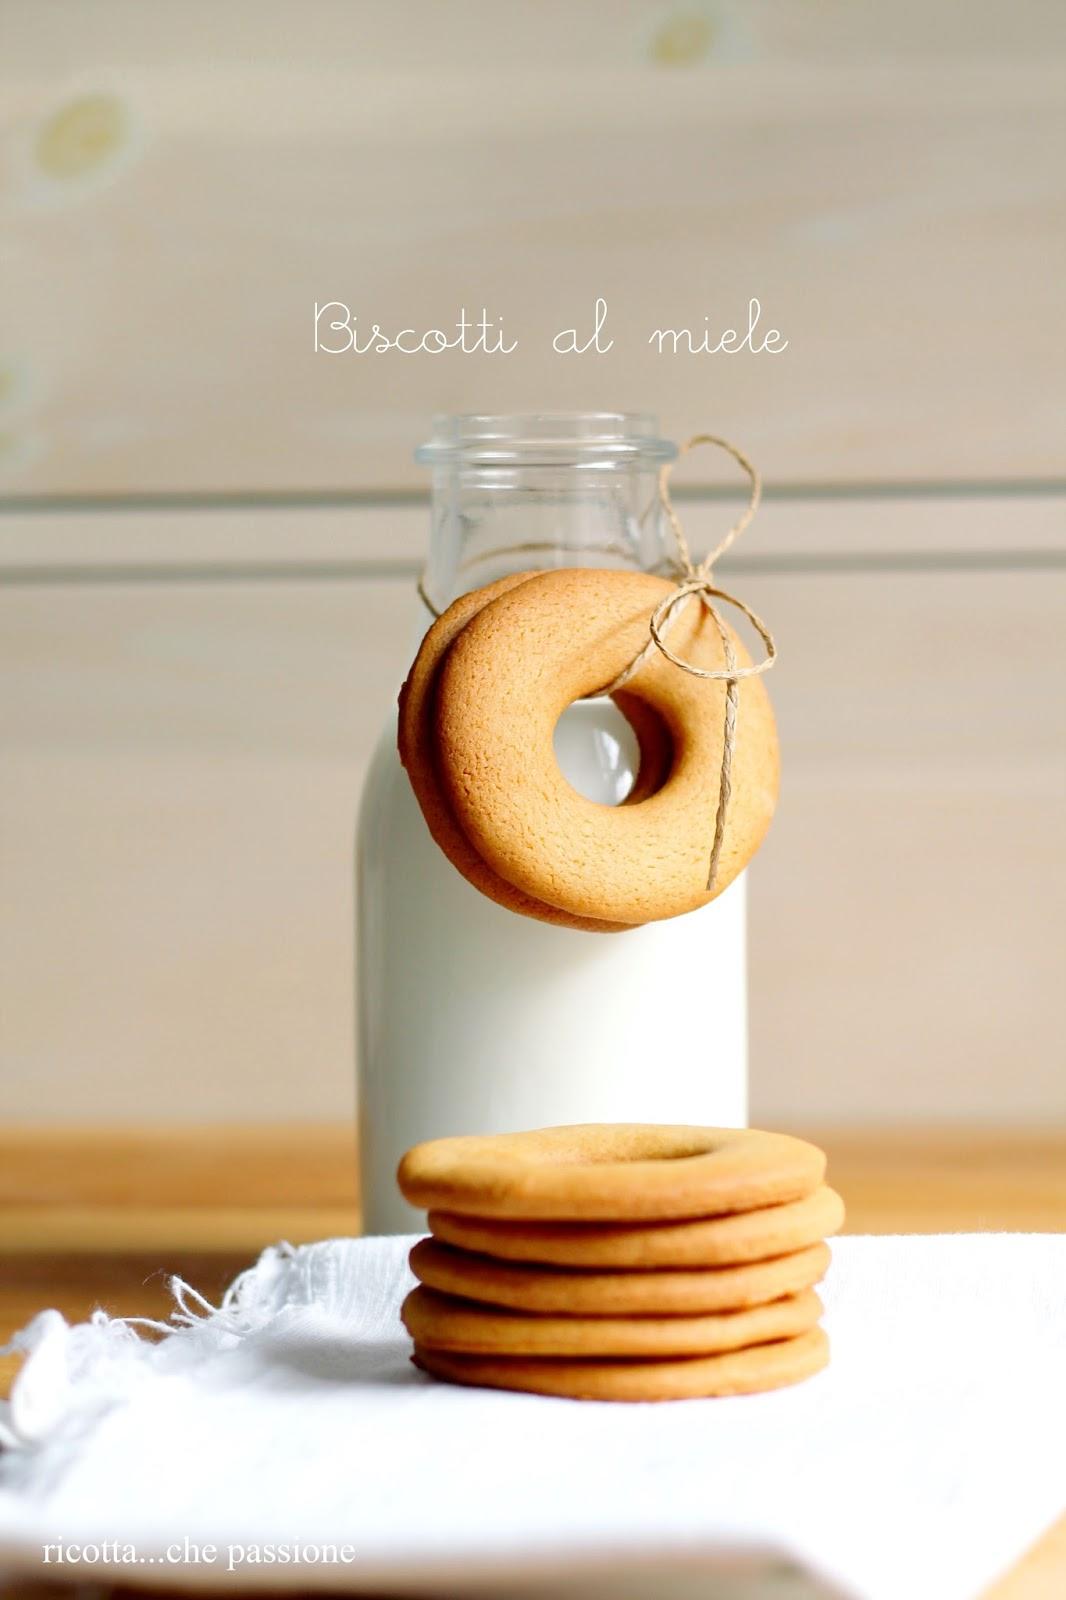 biscotti al miele, senza uova e latte. oggi anche delle piccole curiosità su di me.....